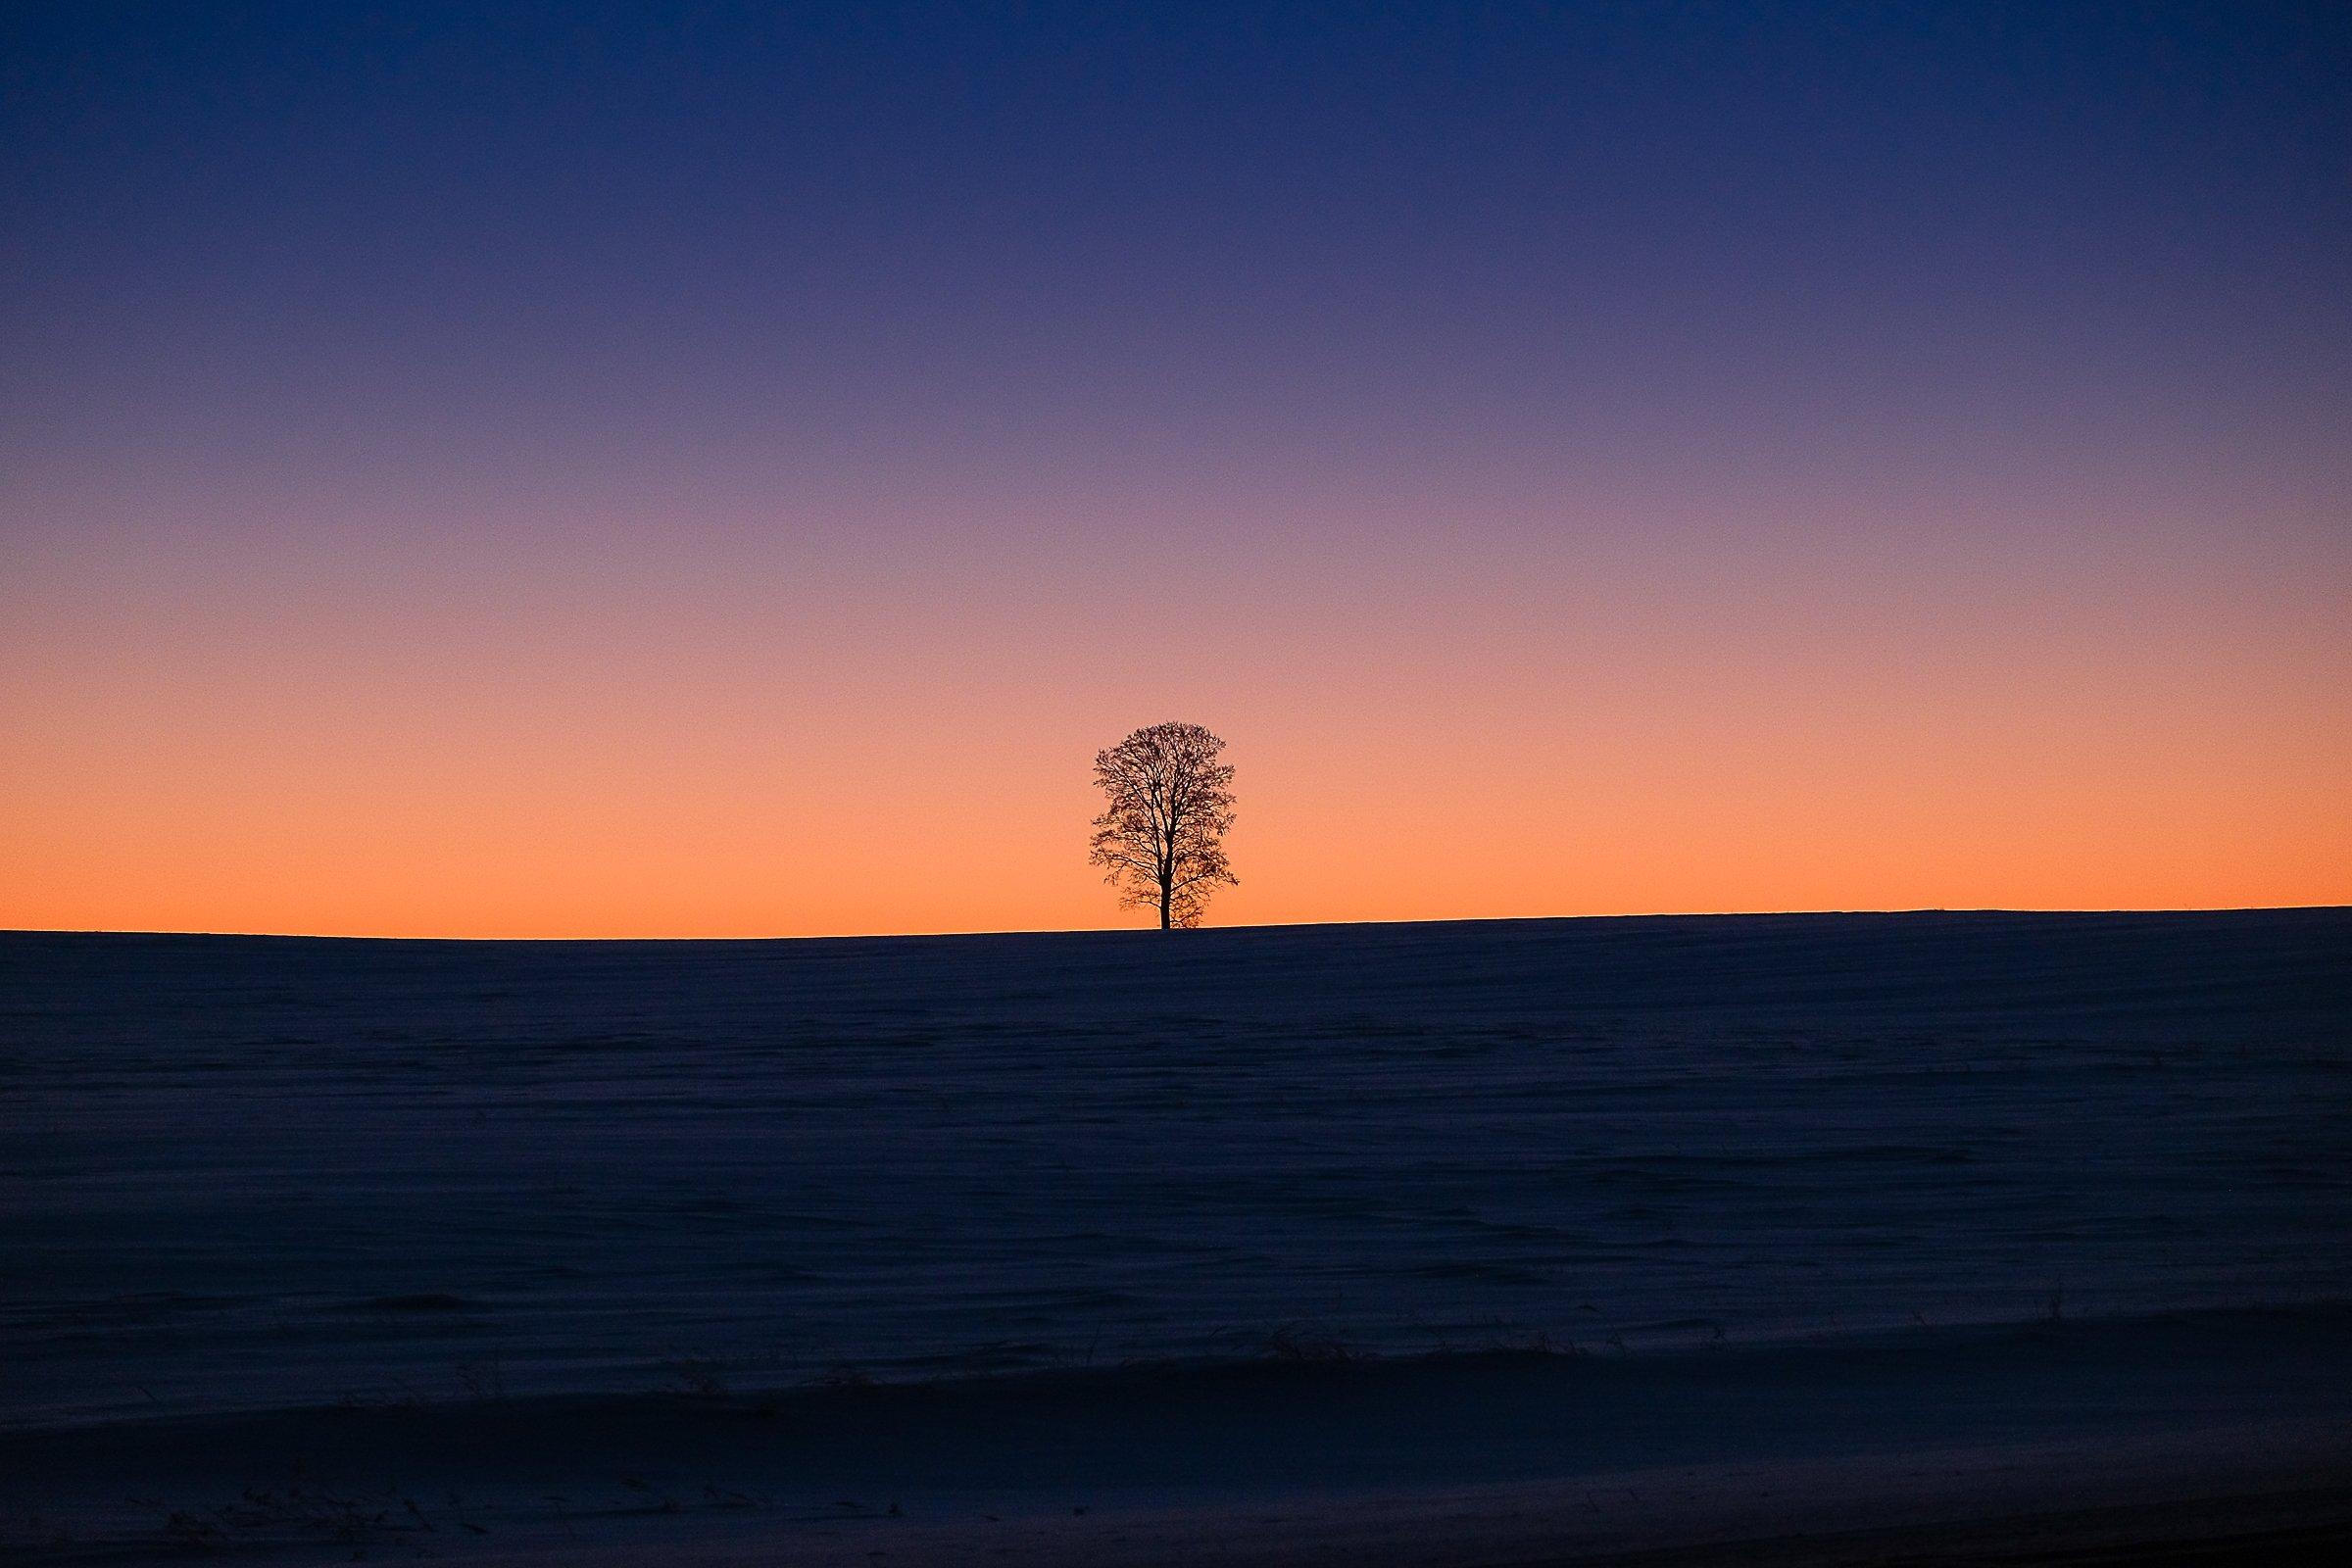 зима. рассвет. одинокое дерево, Максимова Людмила